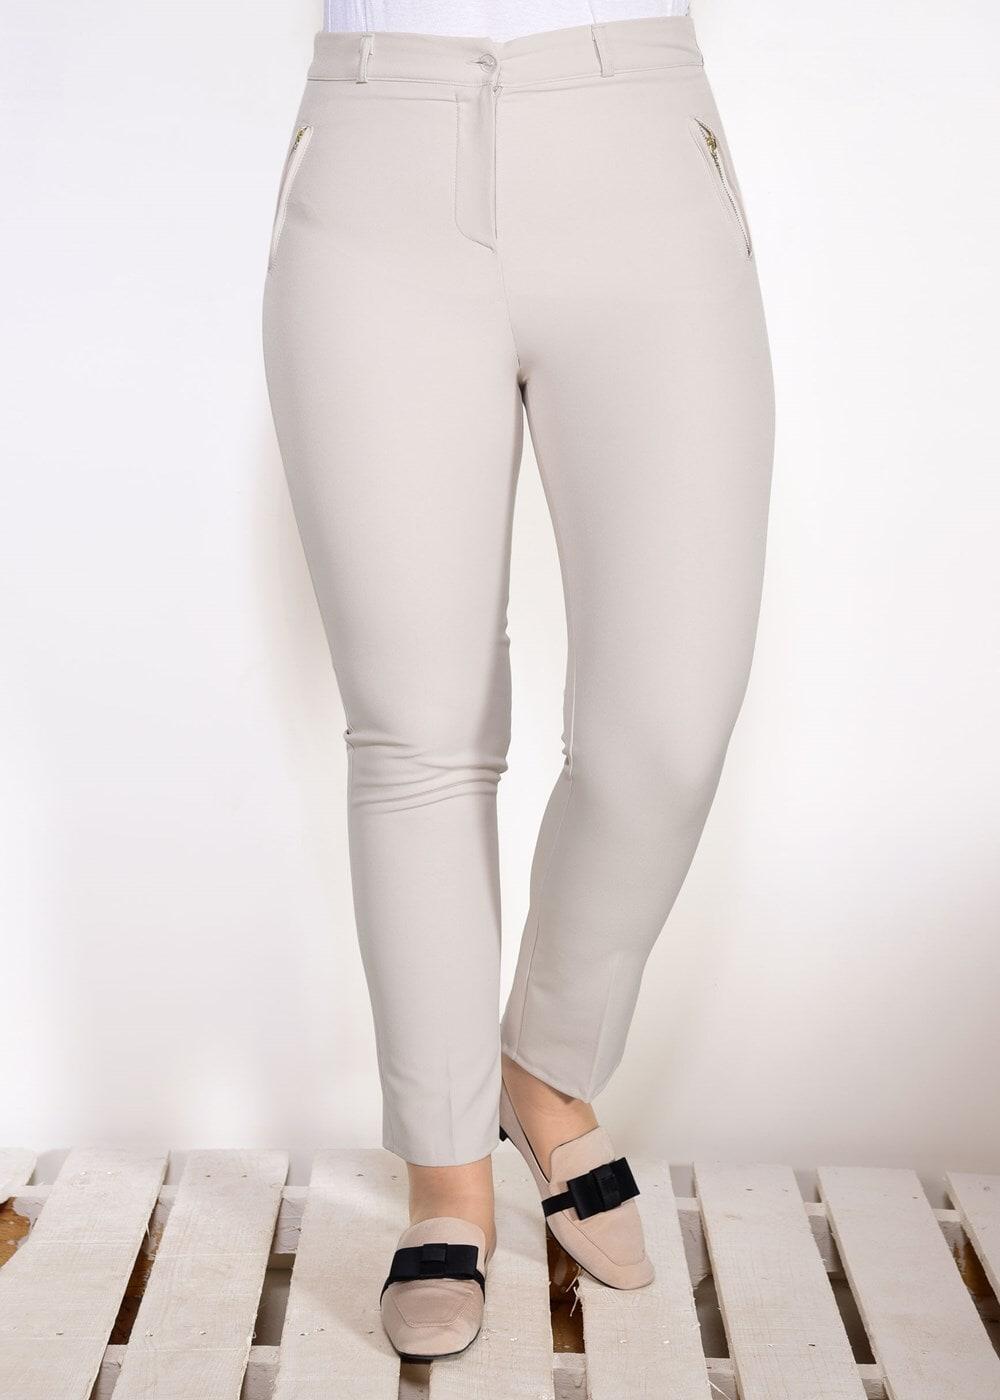 Femelle BEIGE T 7402 Amine Hüma-Klasik Kesim Pantolon